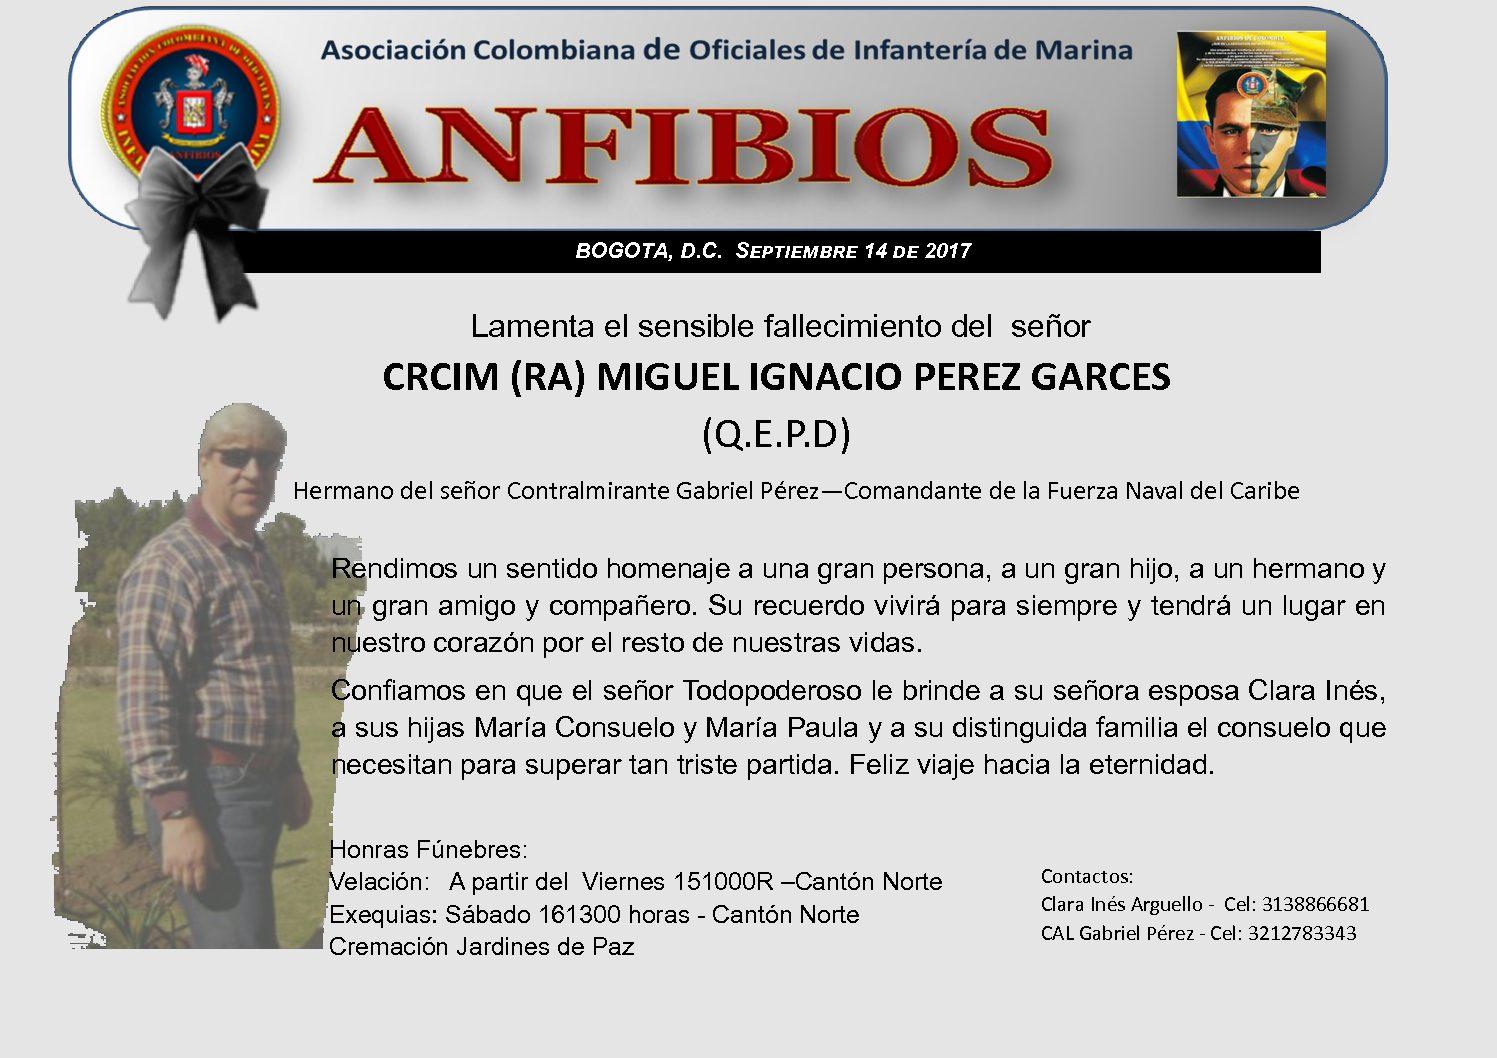 FALLECIMIENTO SR. CRCIM (RA) MIGUEL IGNACIO PEREZ GARCES